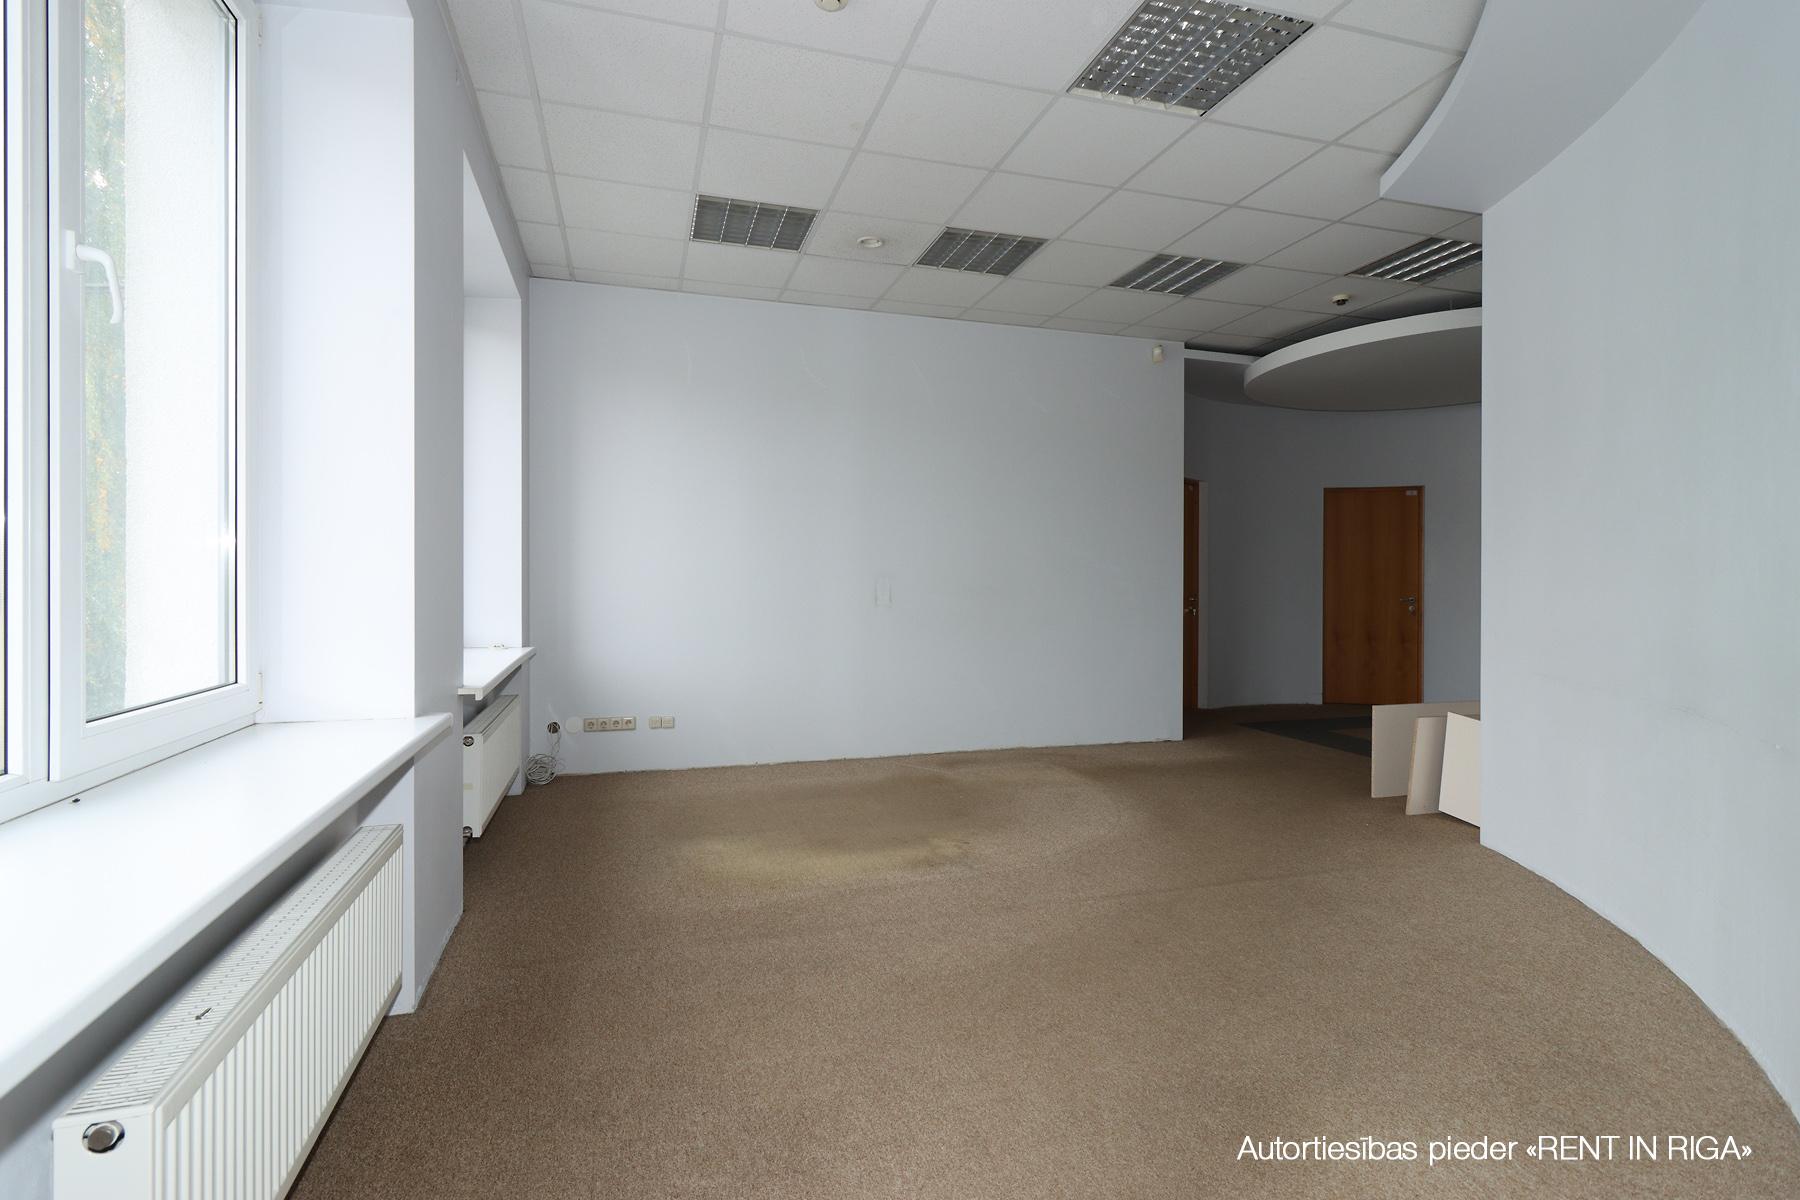 Pārdod biroju, Klūgu iela - Attēls 1